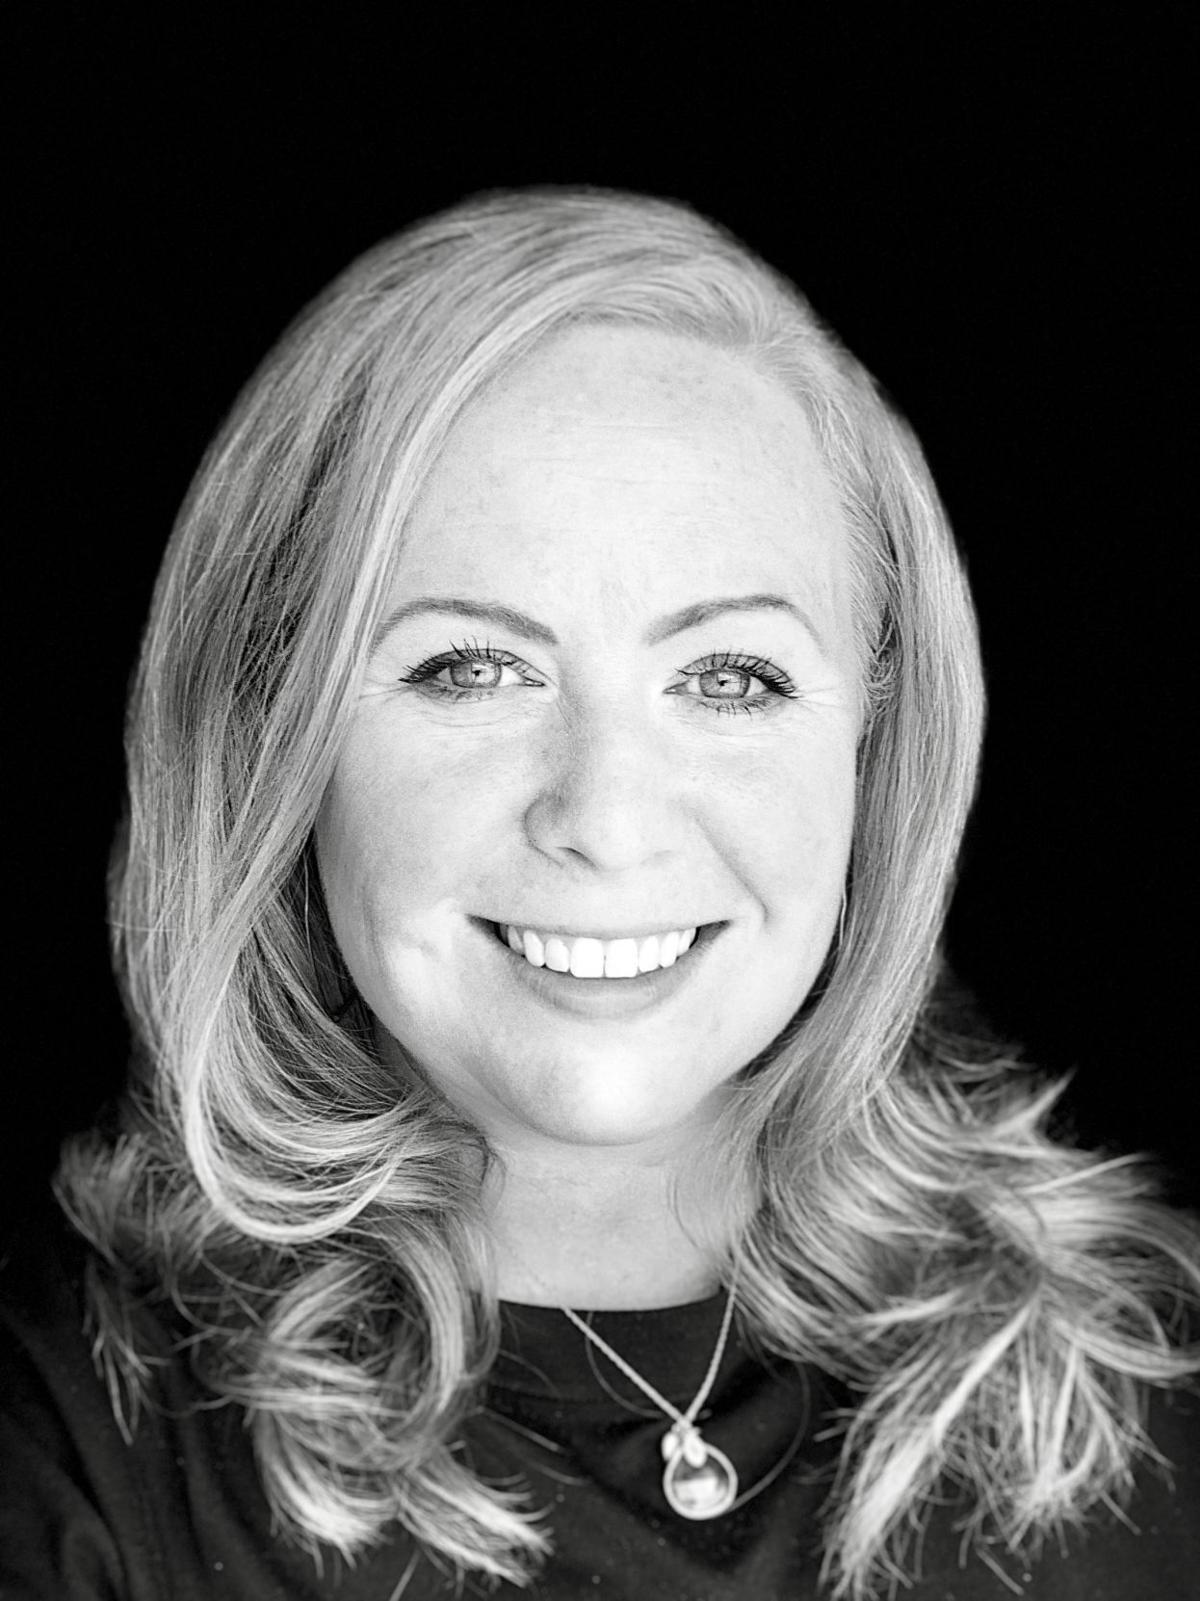 Megan Weinrich charleston choices 2019